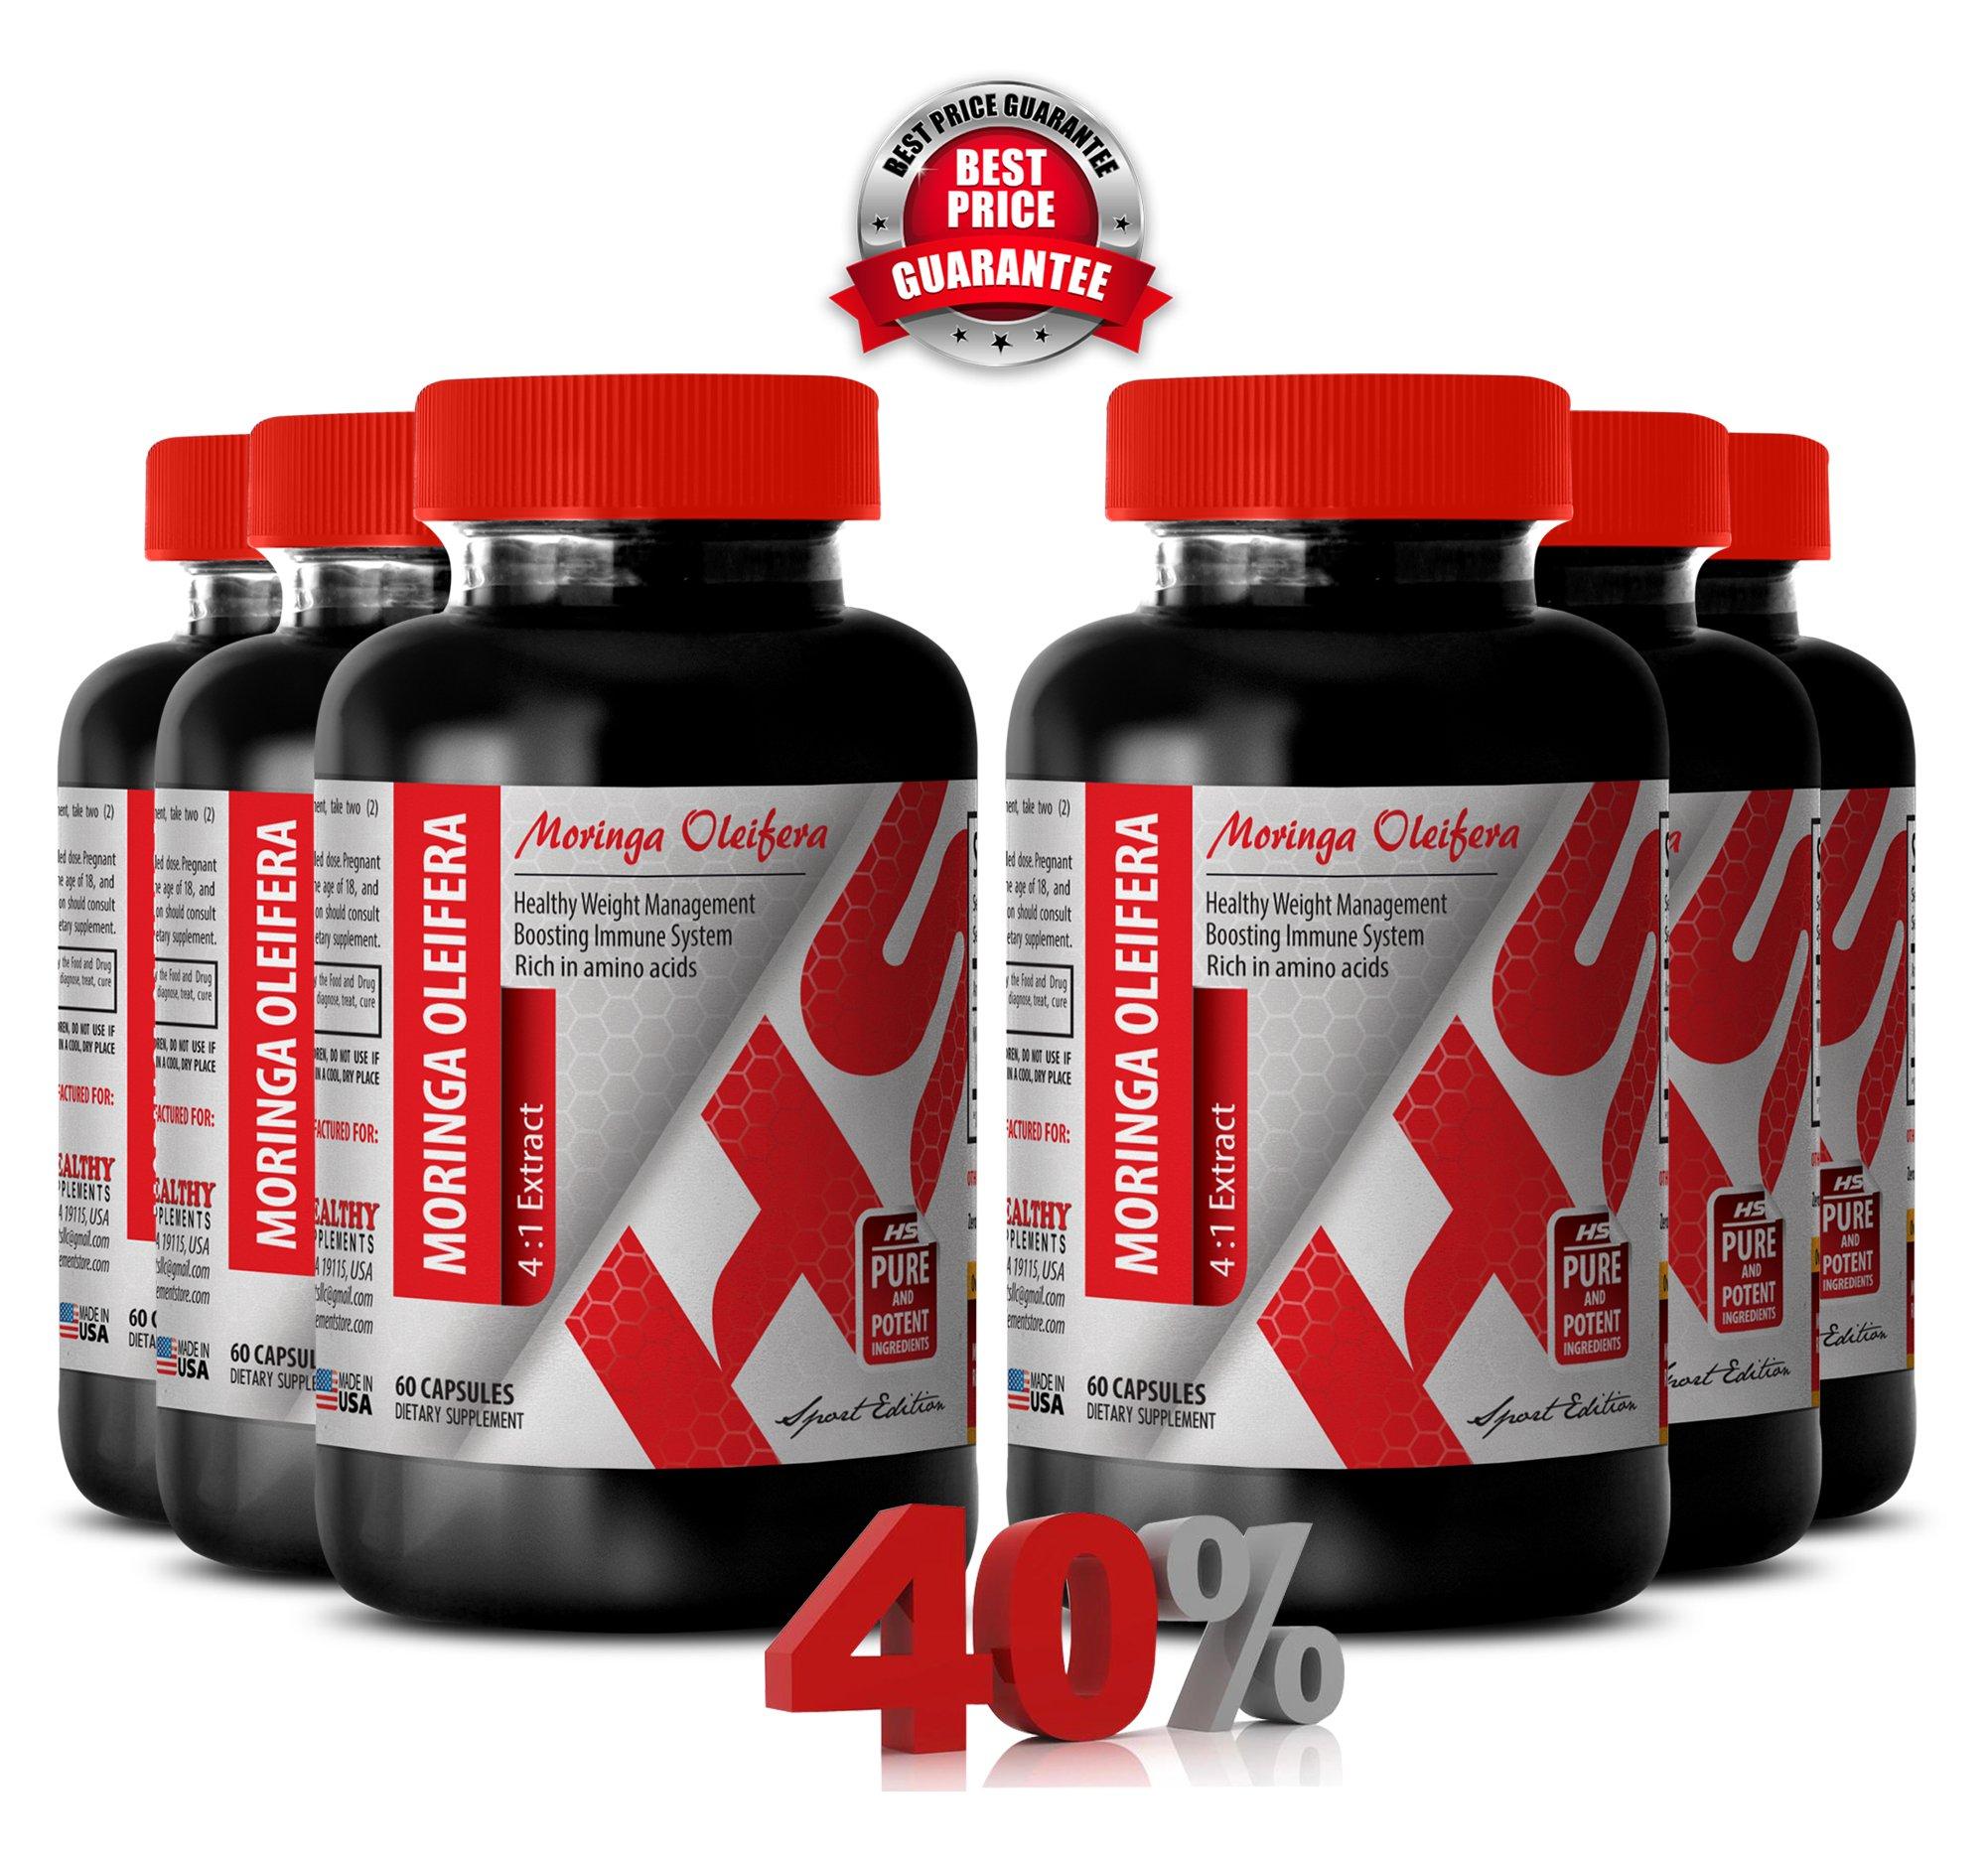 Moringa capsules - MORINGA OLEIFERA LEAF POWDER 1200 MG 4:1 EXTRACT - increase energy levels (6 Bottles)